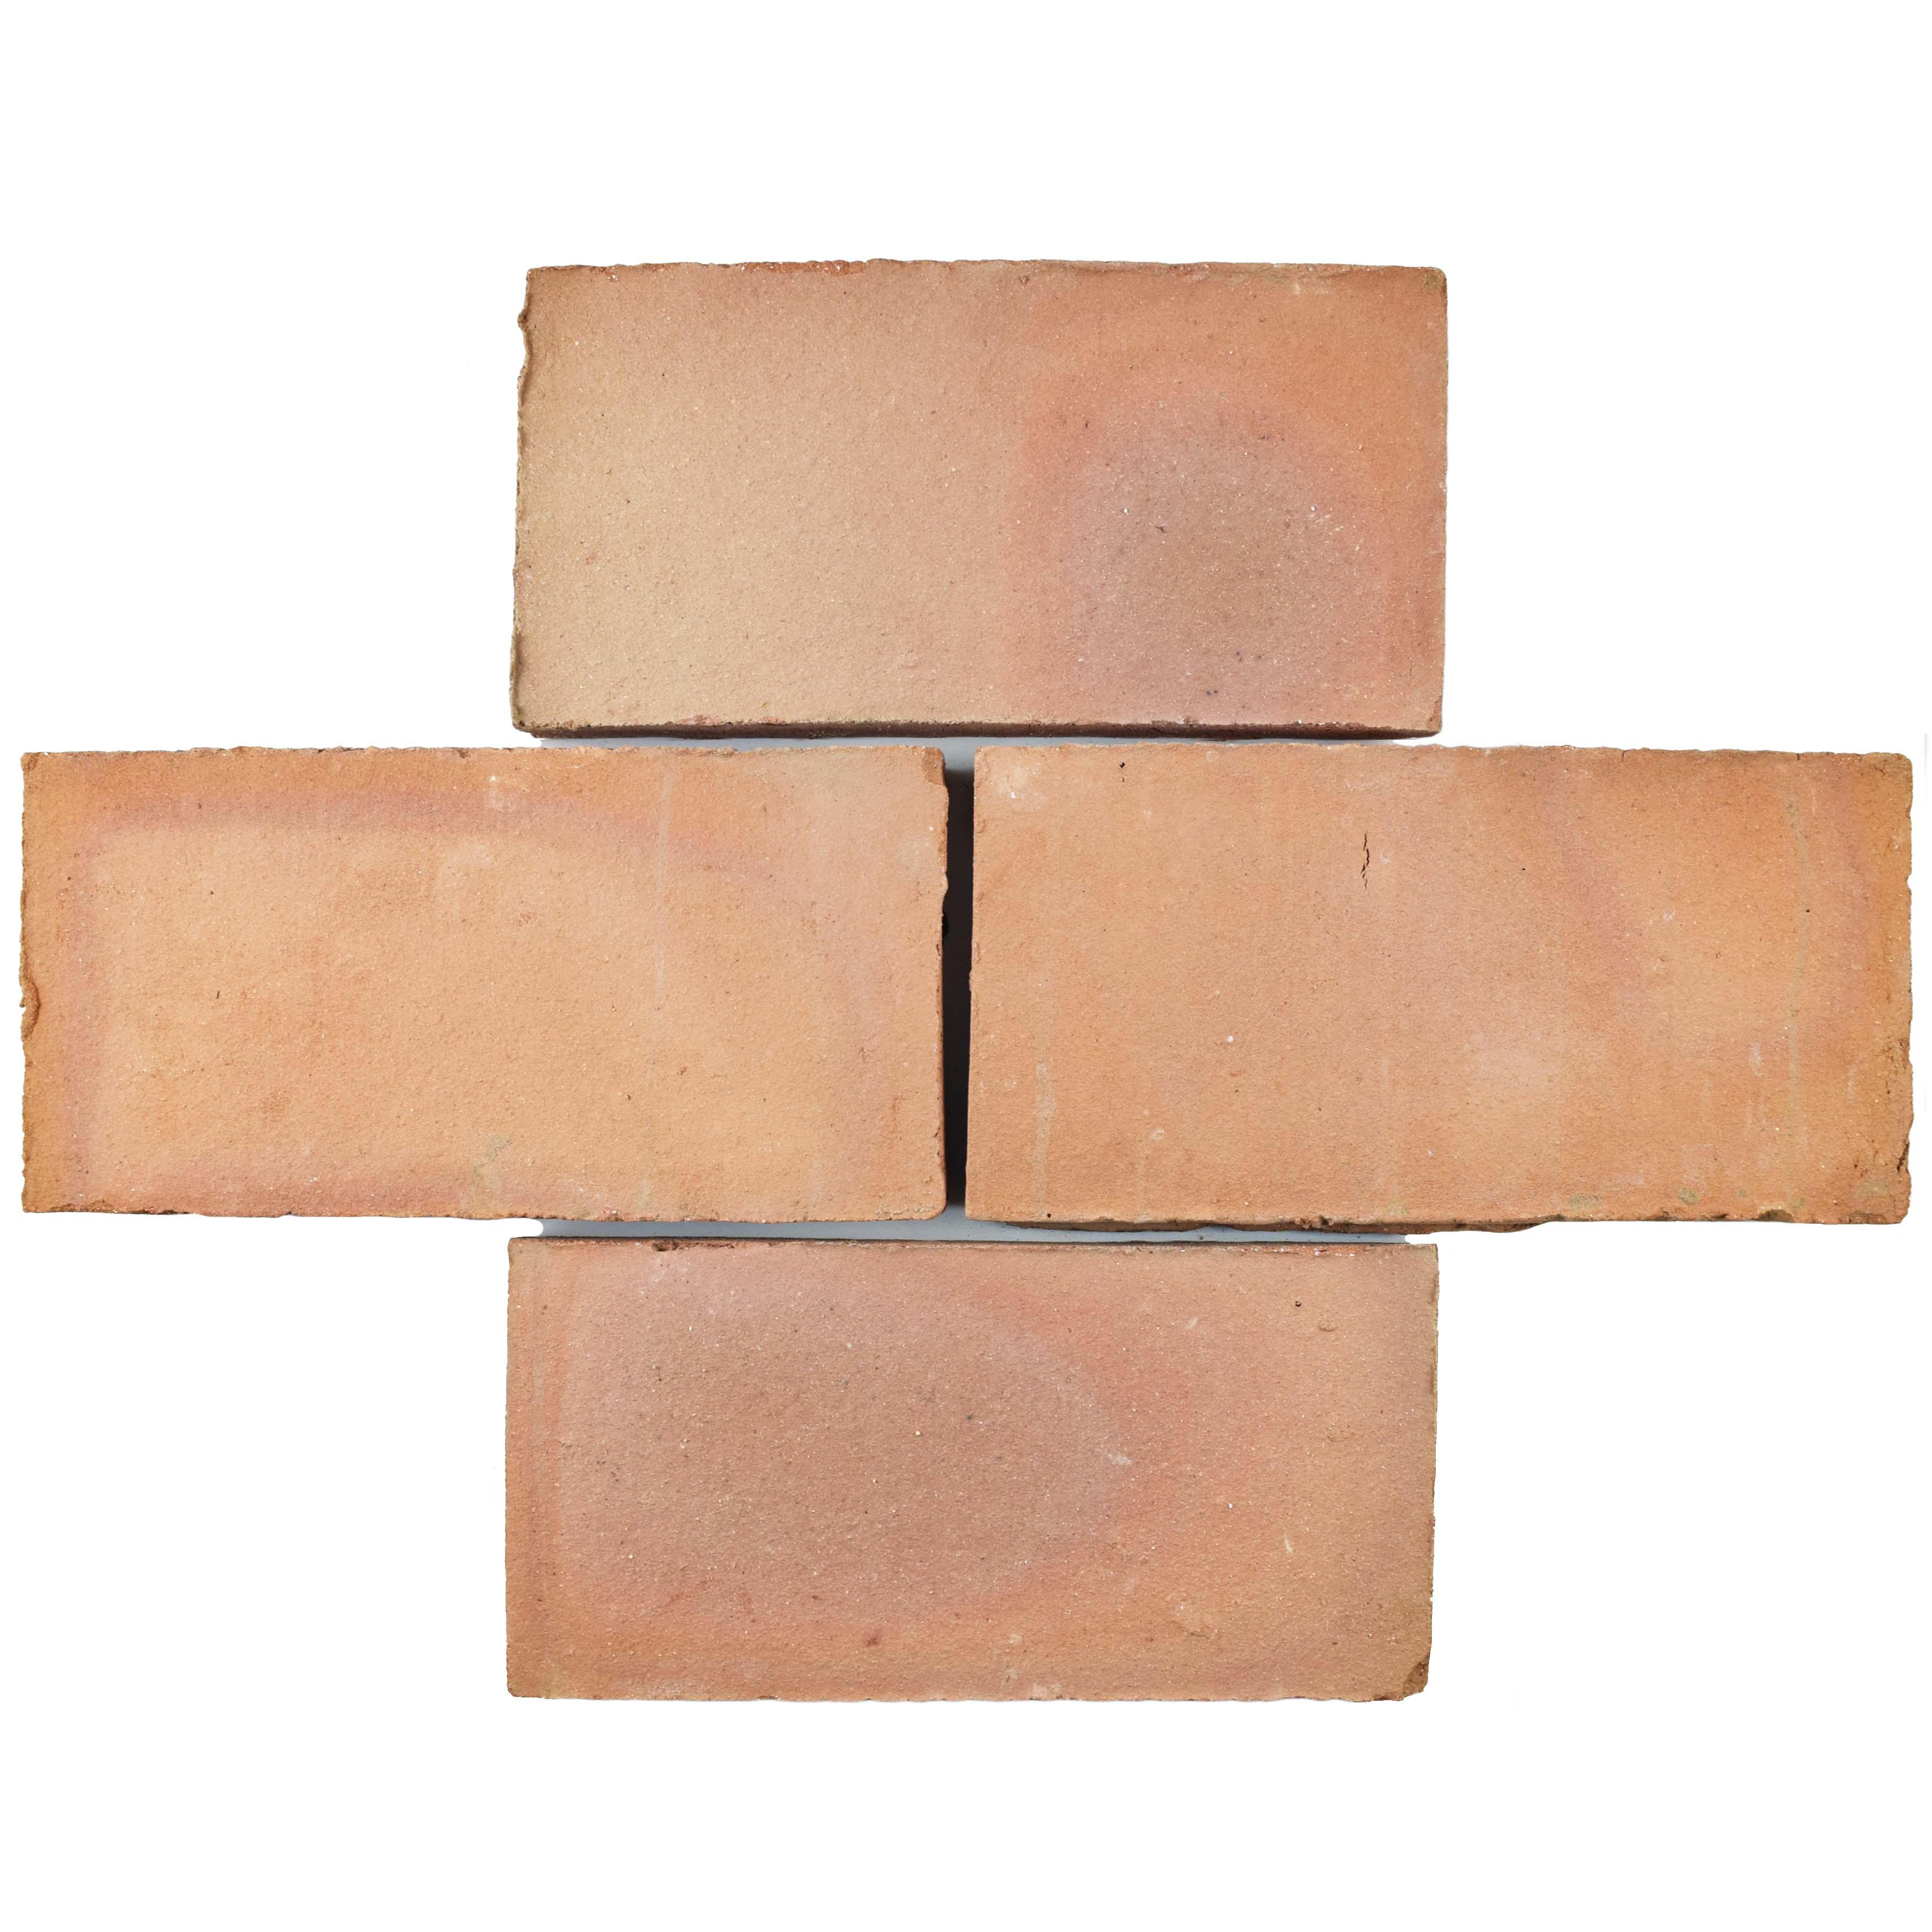 3 Flooring Tiles in Pakistan Rectangular Shape Terracotta Floor Tile Design Images.